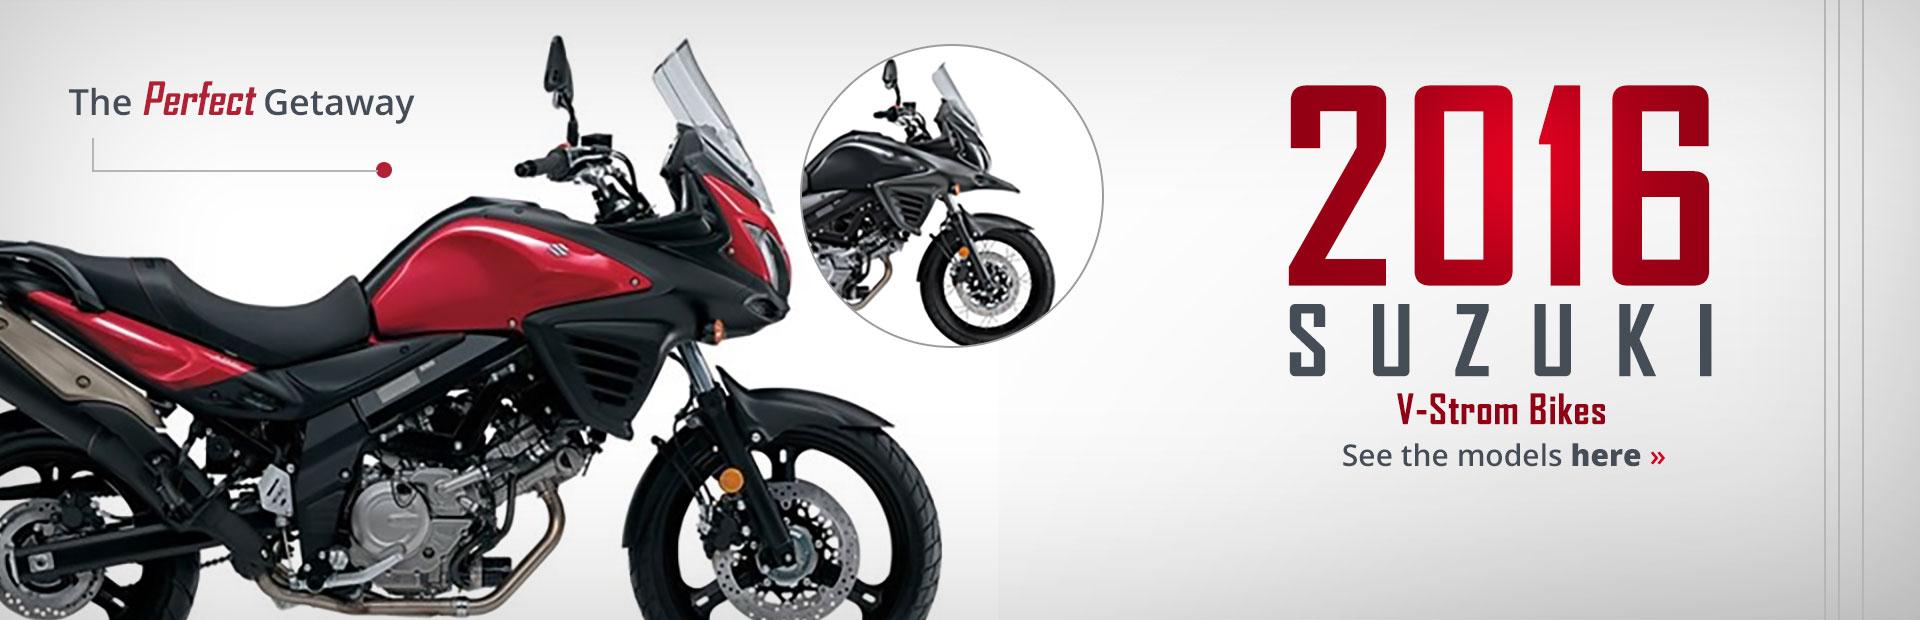 2016 Suzuki V-Strom Bikes: Click here to view the models.